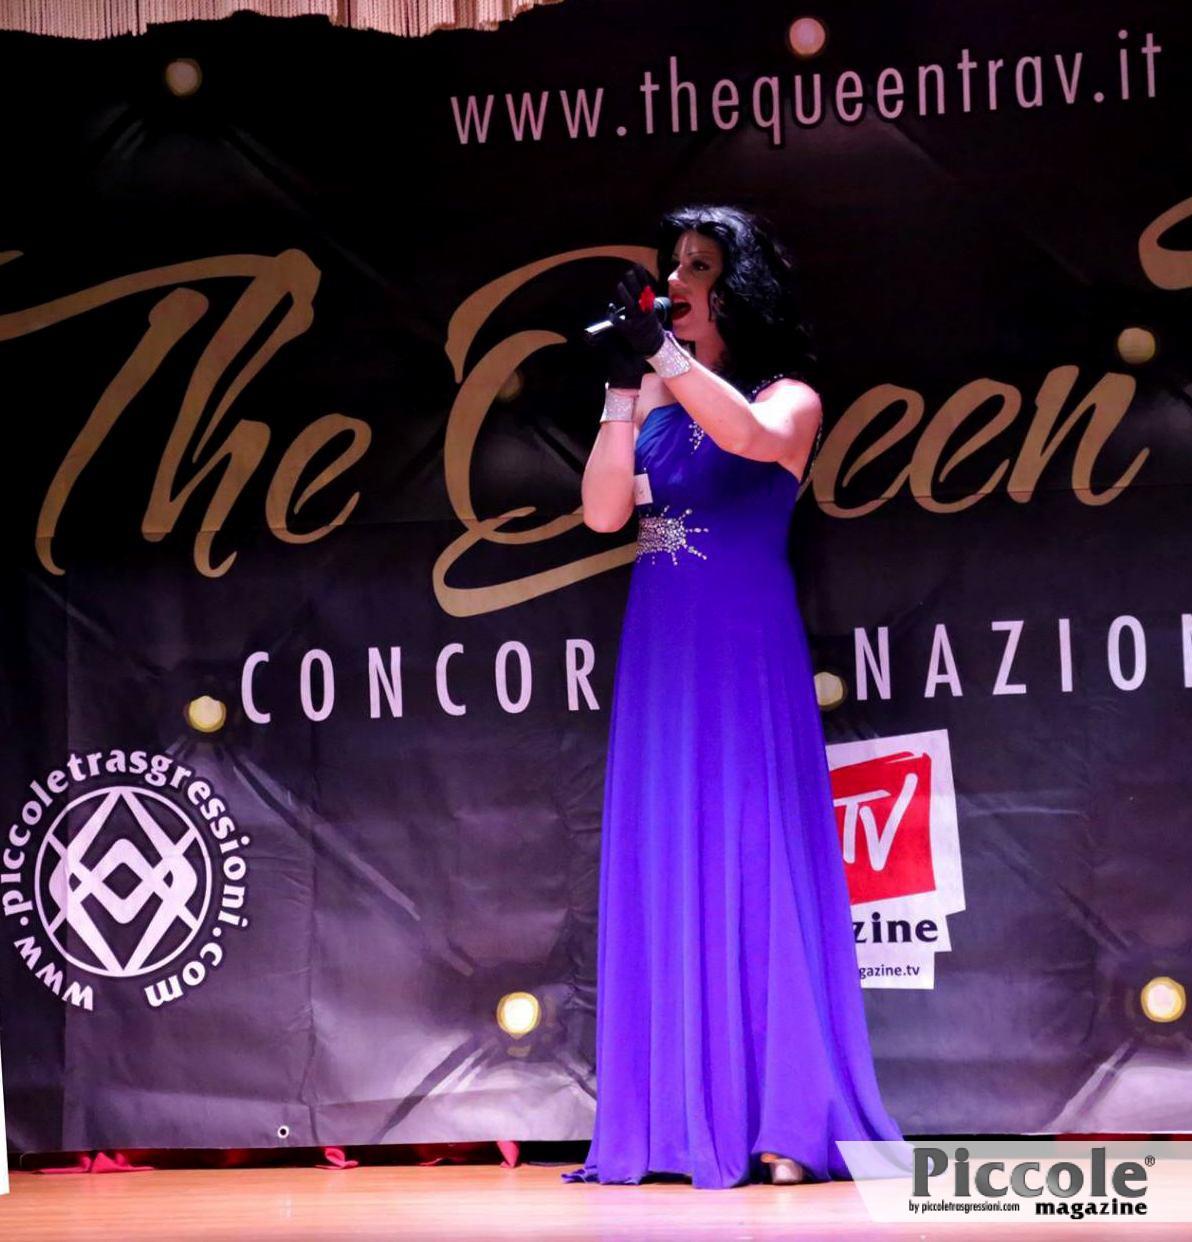 Intervista a Lakisha Moore, vincitrice del concorso nazionale The Queen Trav 2018.